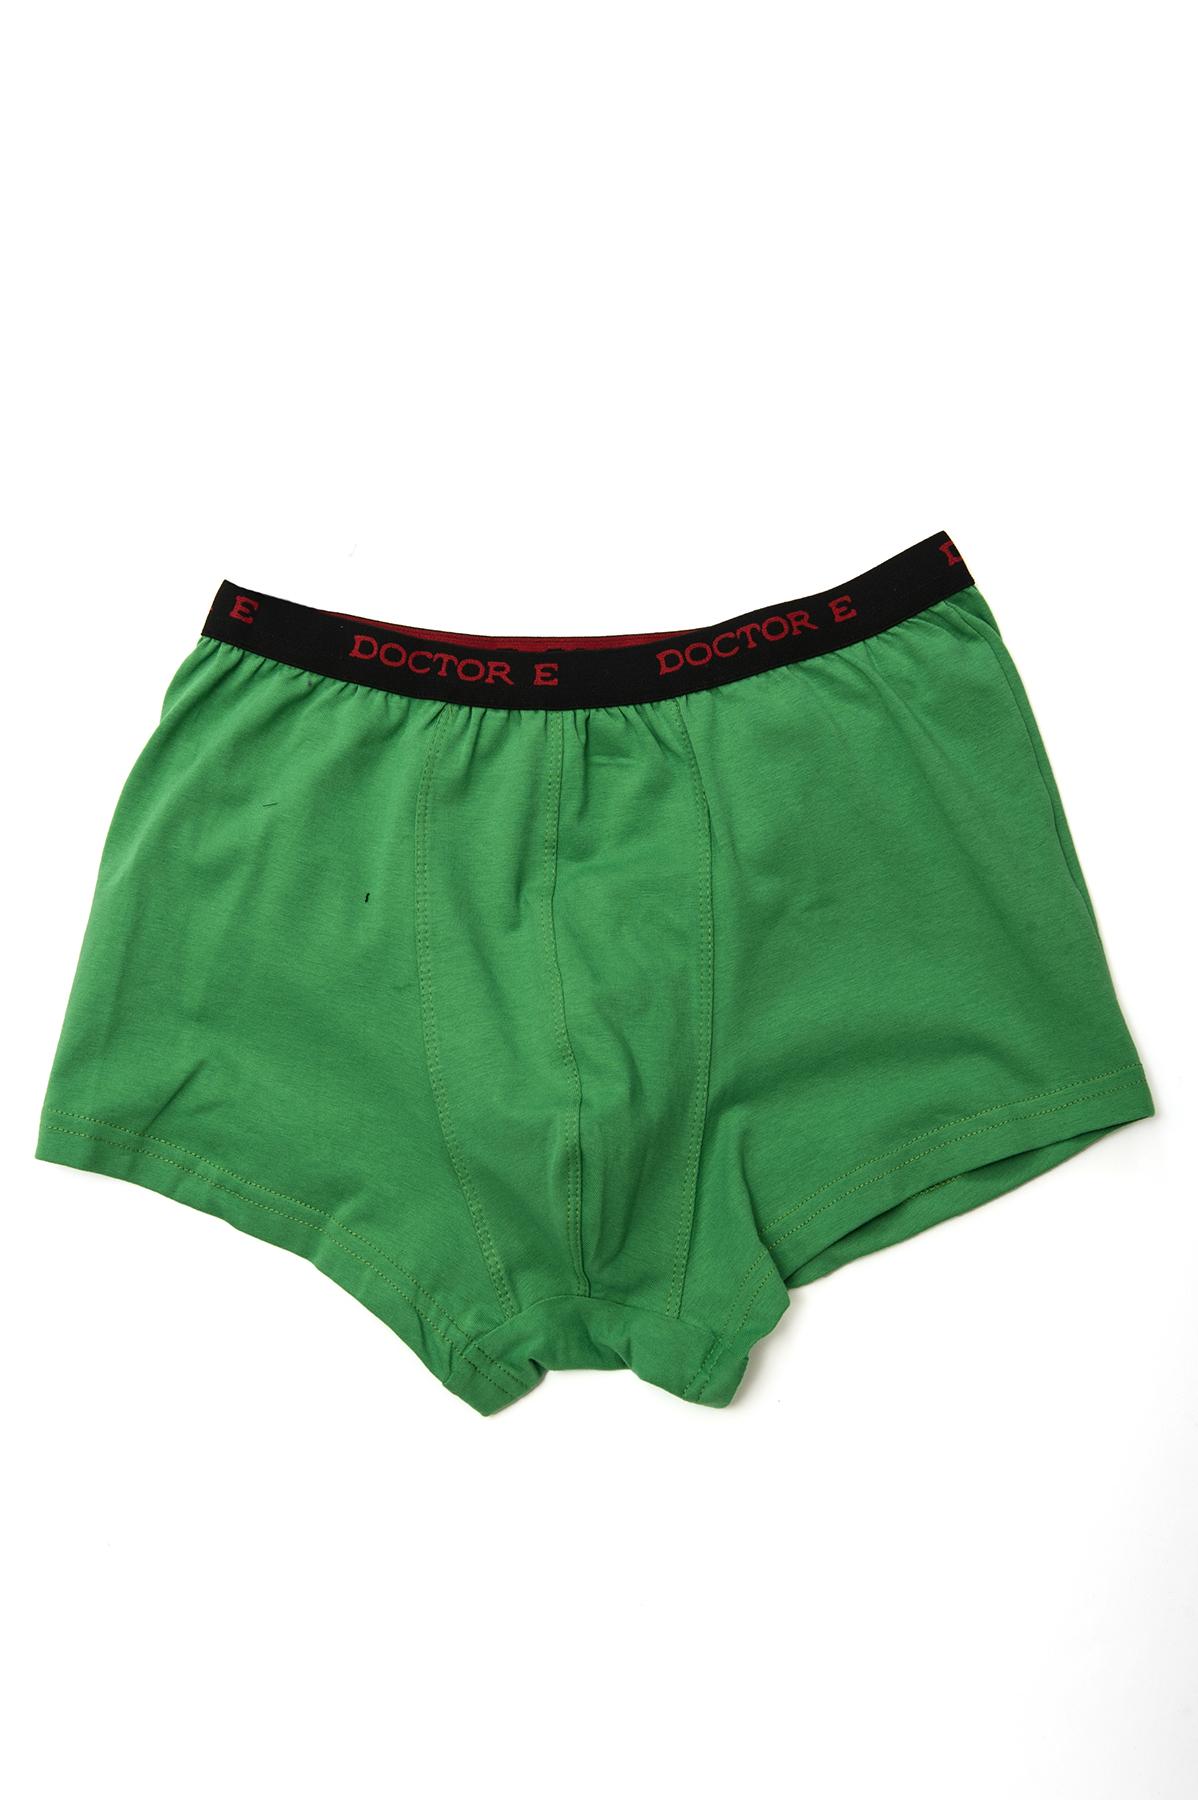 ТрусыМужские футболки, джемпера<br>Трикотажные мужские трусы.Модель выполнена из качественного трикотажа практичной расцветки. <br><br>Цвет: зеленый<br>Состав: 92% вискоза, 8% лайкра<br>Размер: 44<br>Страна дизайна: Россия<br>Страна производства: Россия